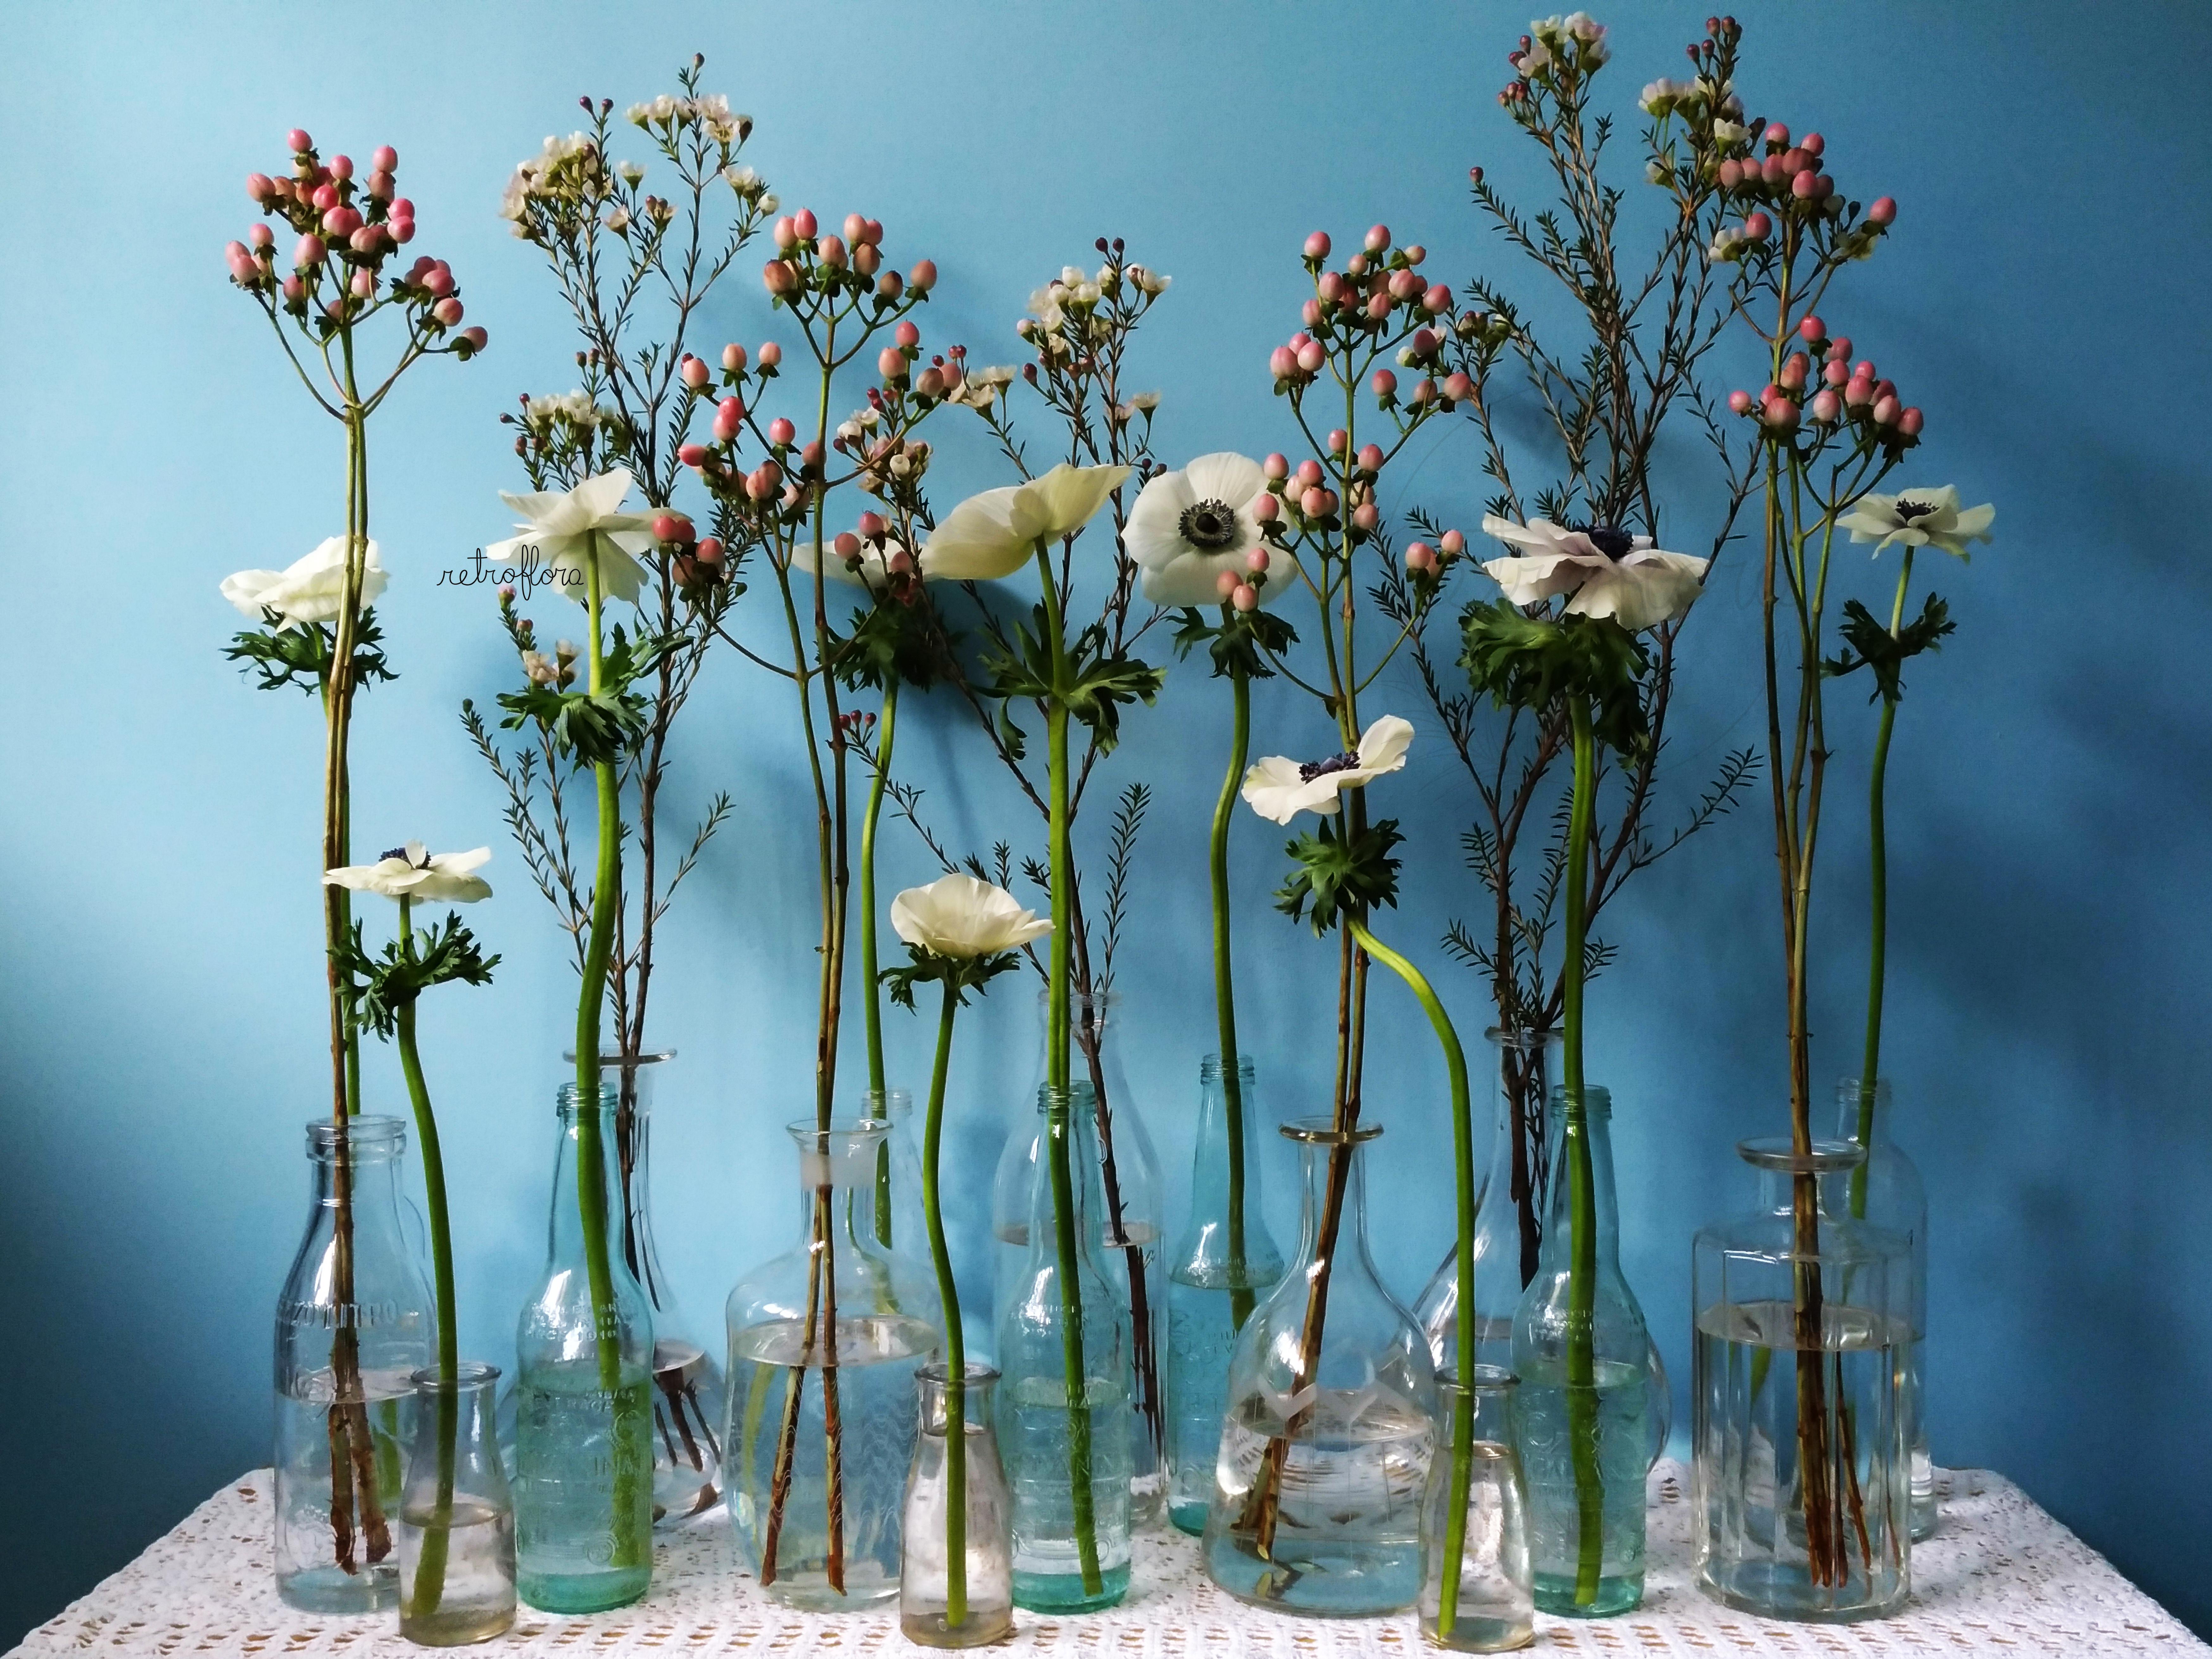 La Mensola Fiorita Anemoni e Iperico - Retroflora